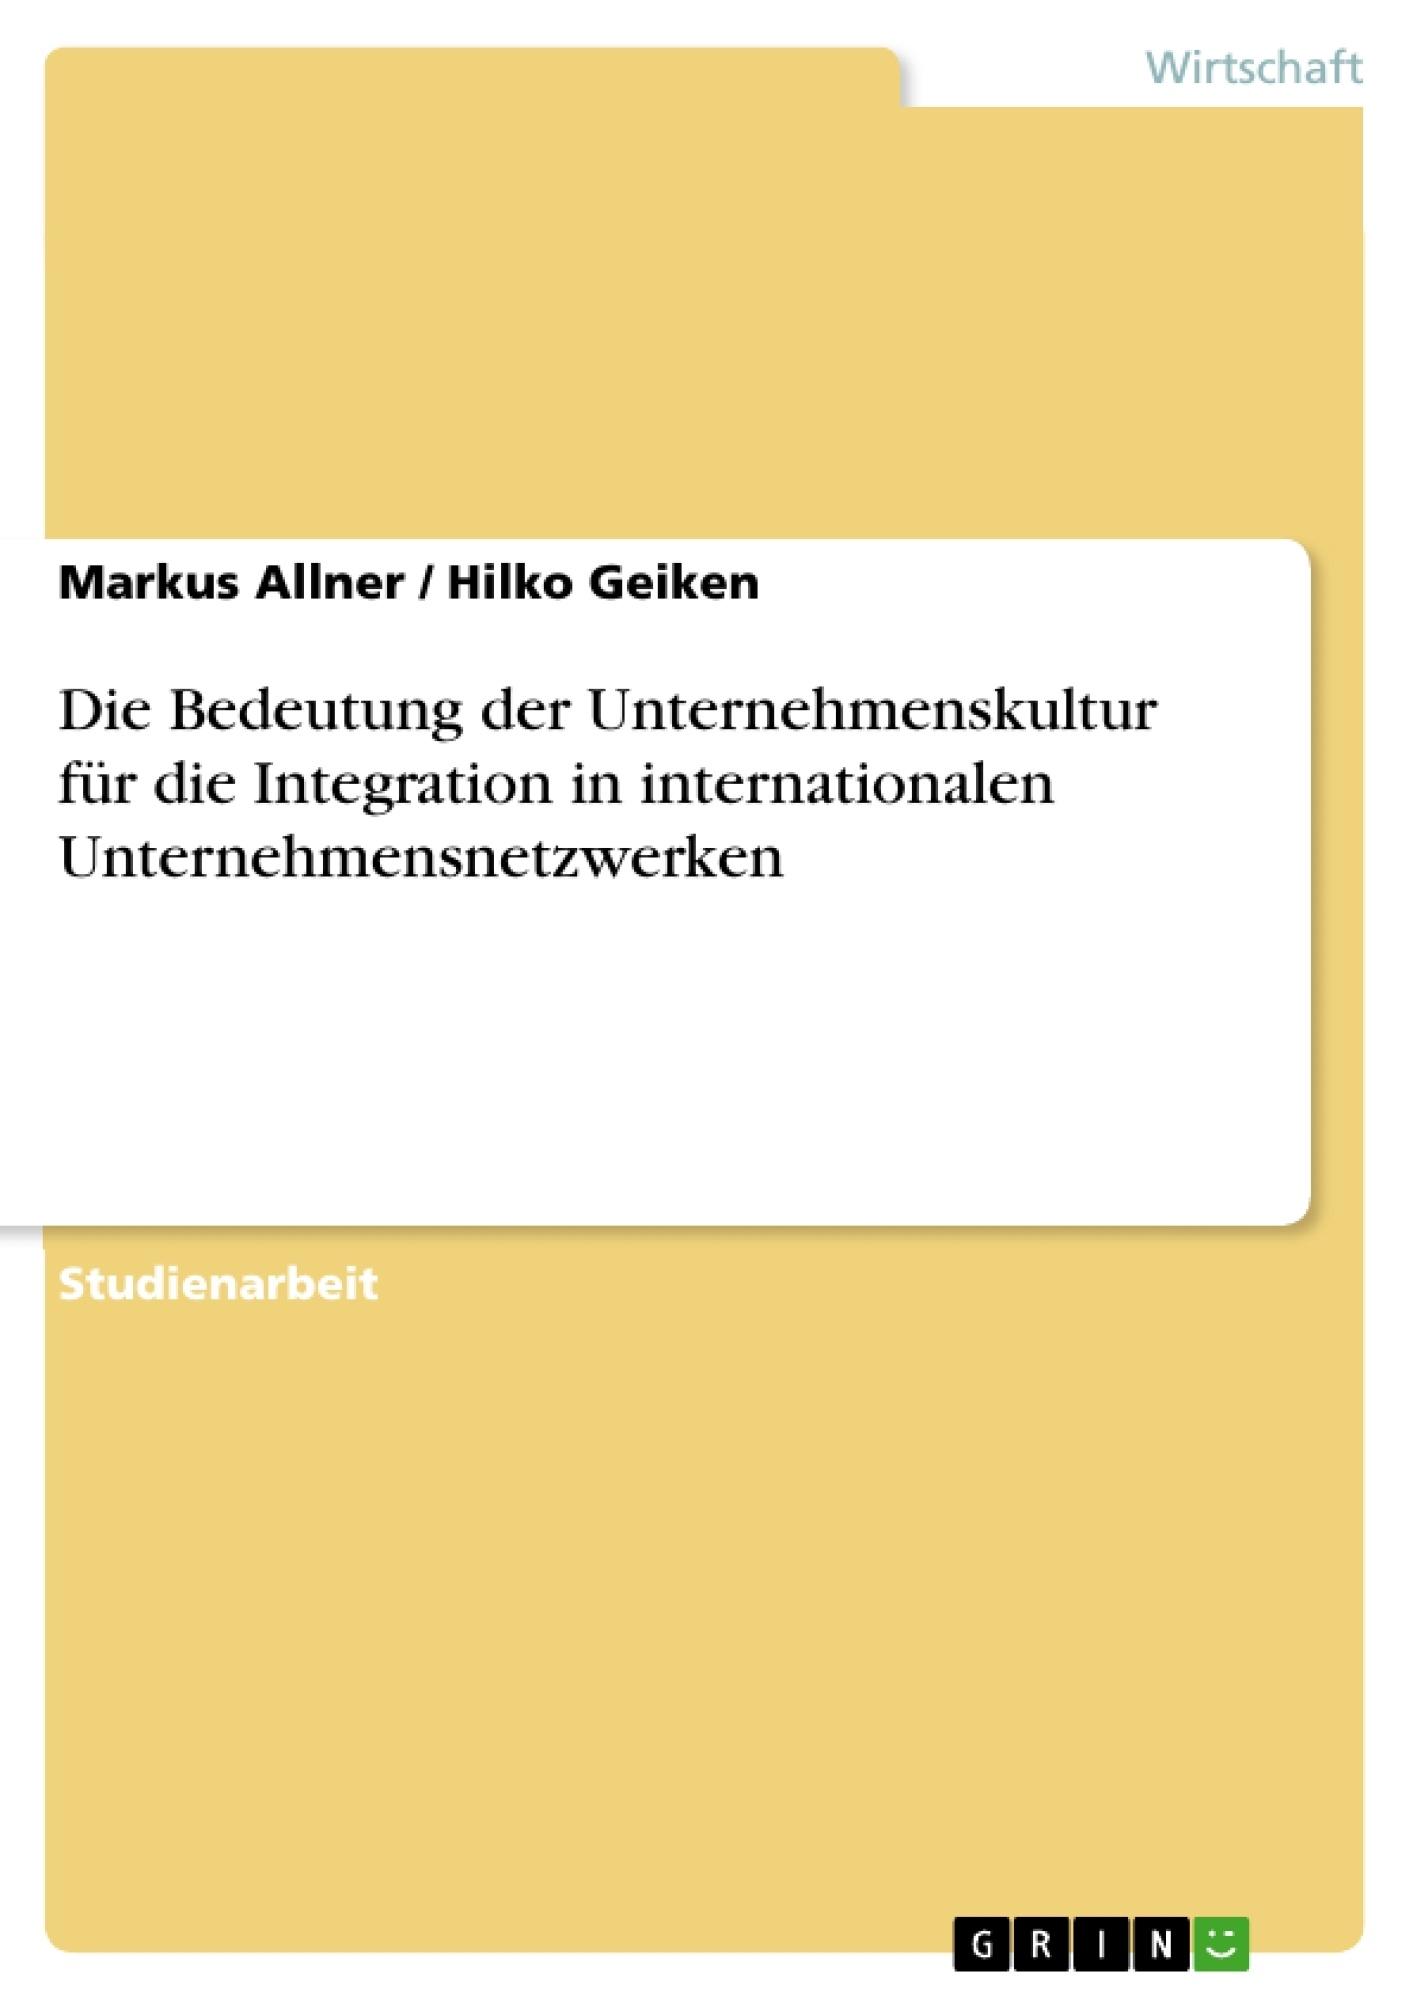 Titel: Die Bedeutung der Unternehmenskultur für die Integration  in internationalen Unternehmensnetzwerken